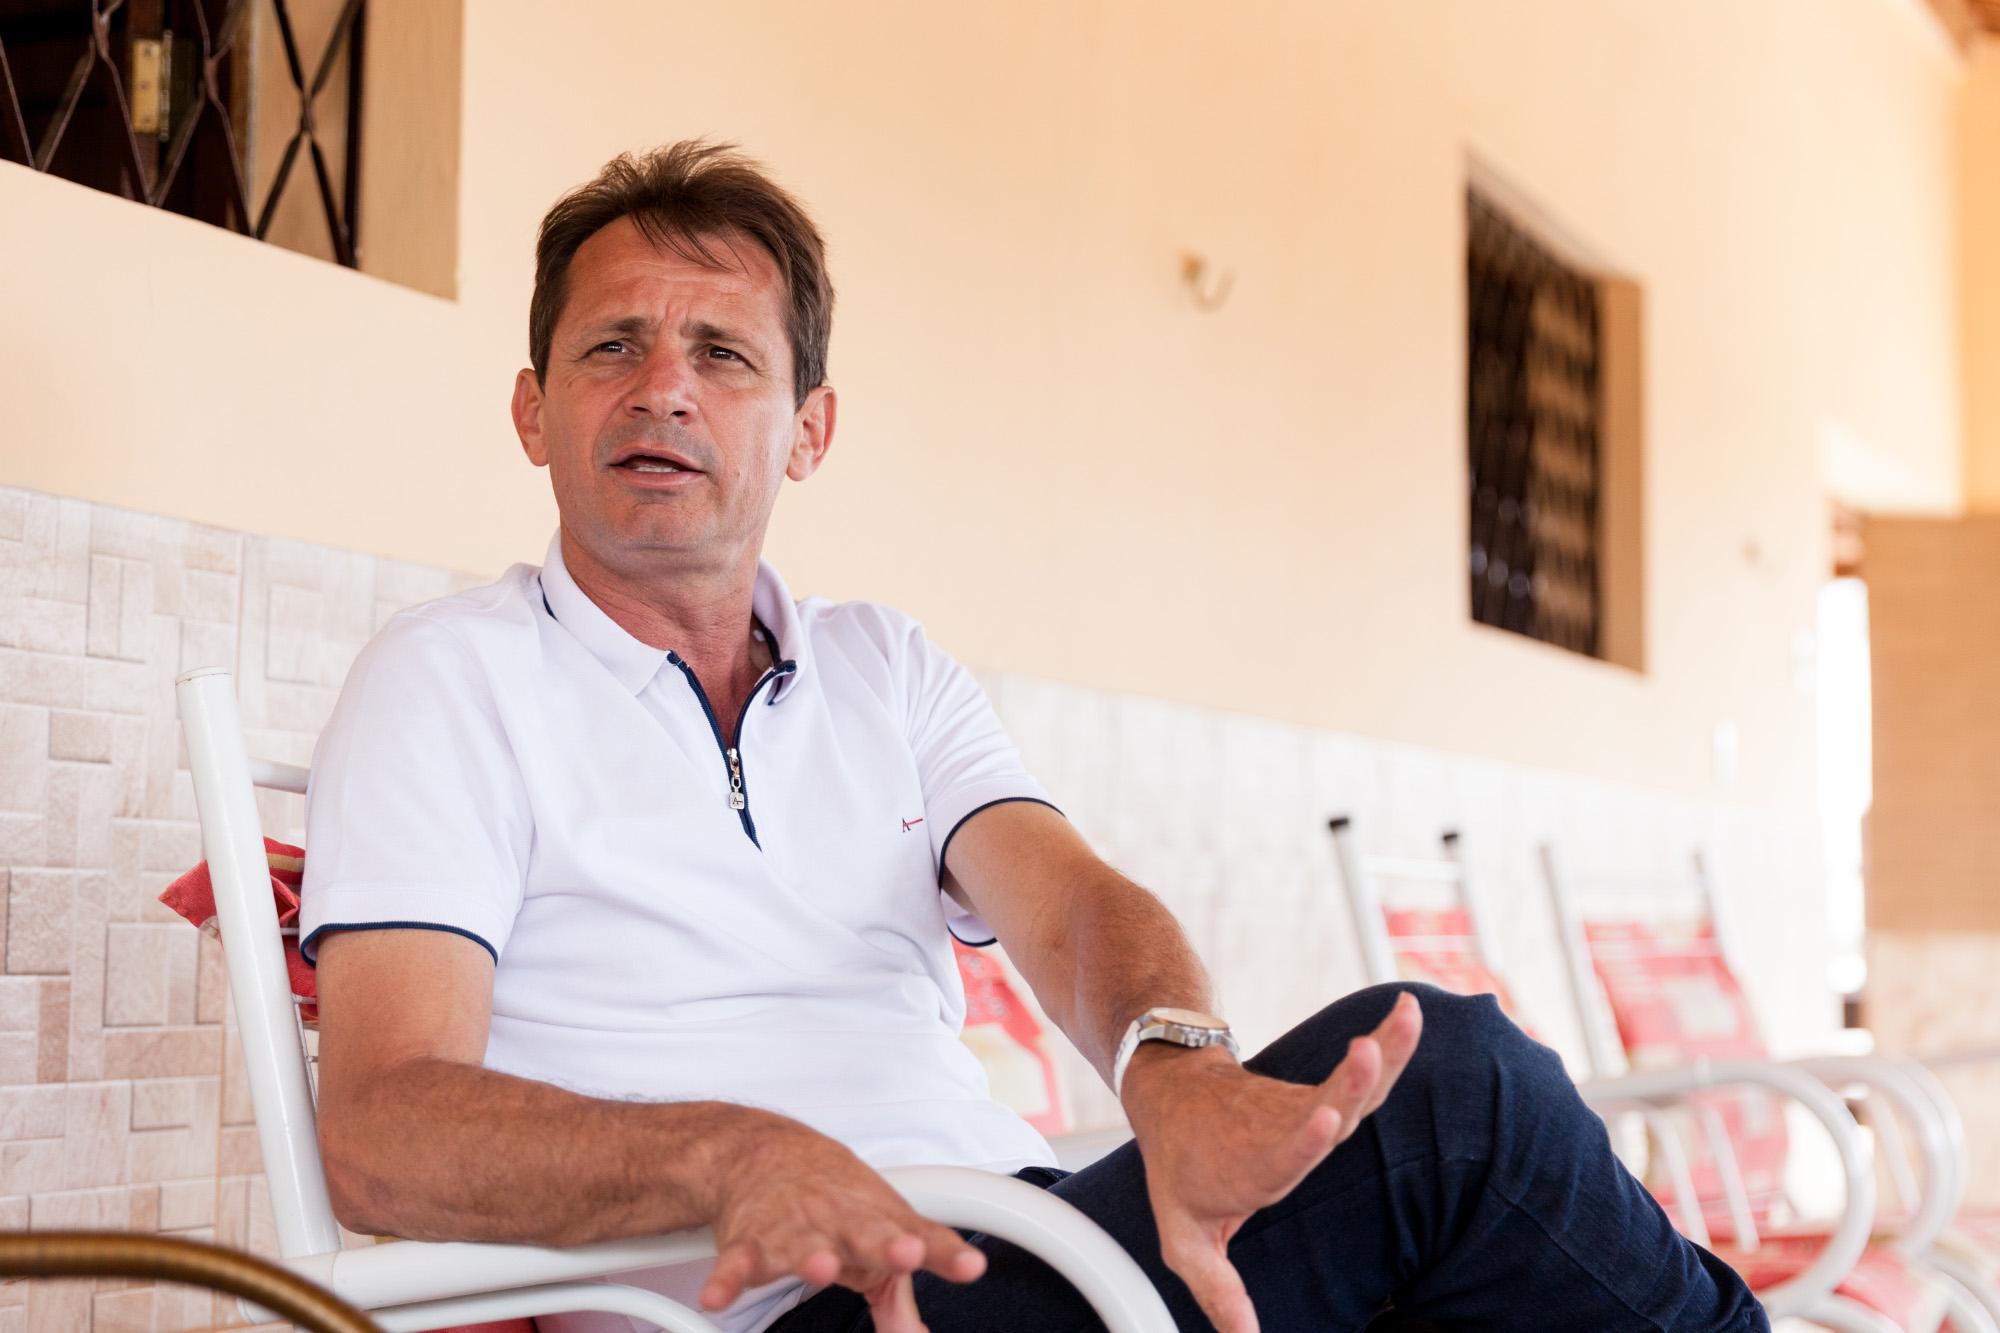 201808InterceptEleicoesJanineMoraes17 1537910921 - The Intercept Brasil já esteve na Paraíba para escrever matéria sobre deputado paraibano